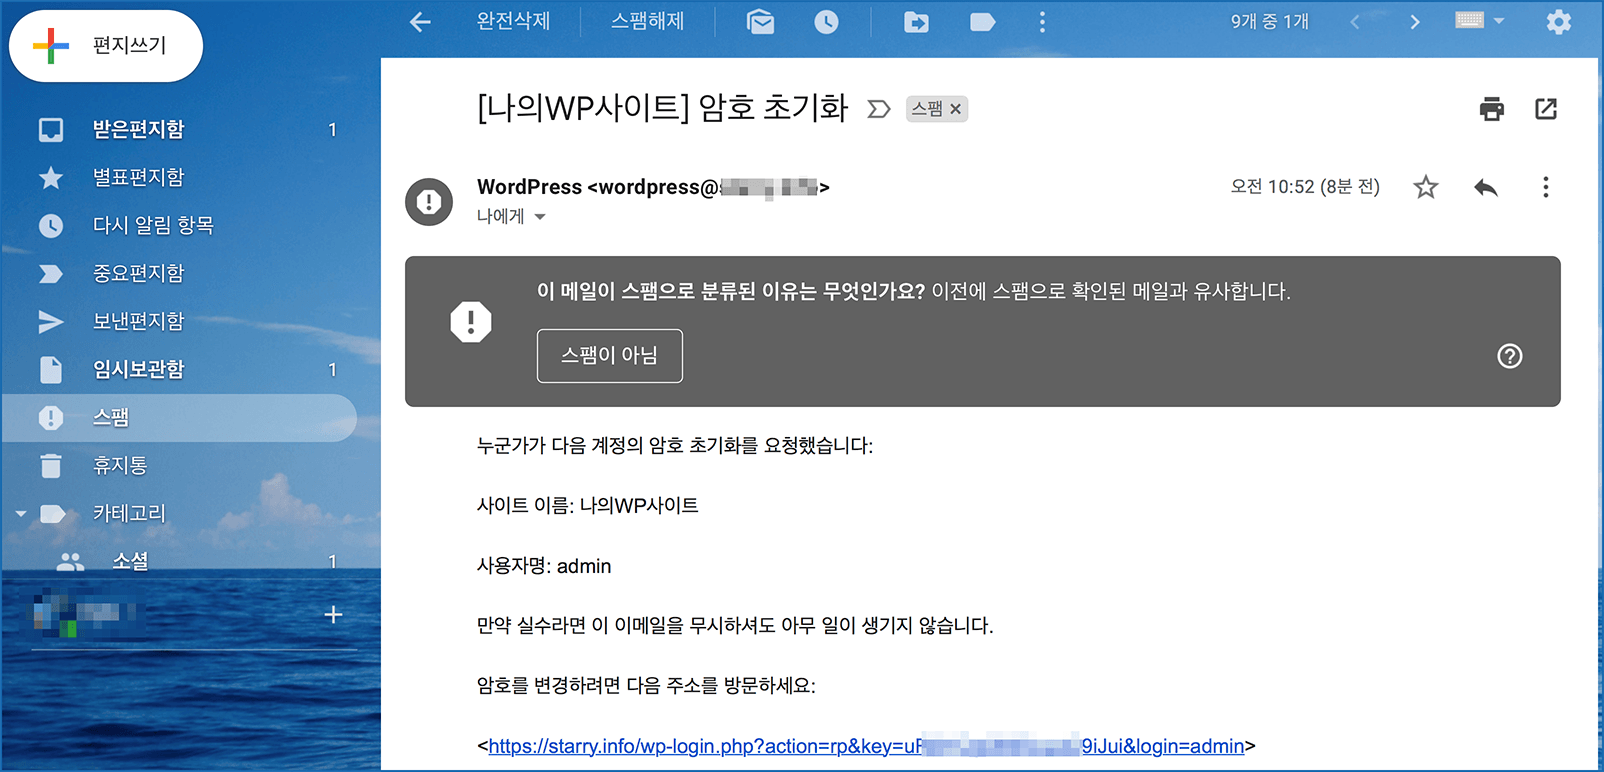 이메일에는 암호변경 시도알림 및 암호 변경 링크가 포함되어있다